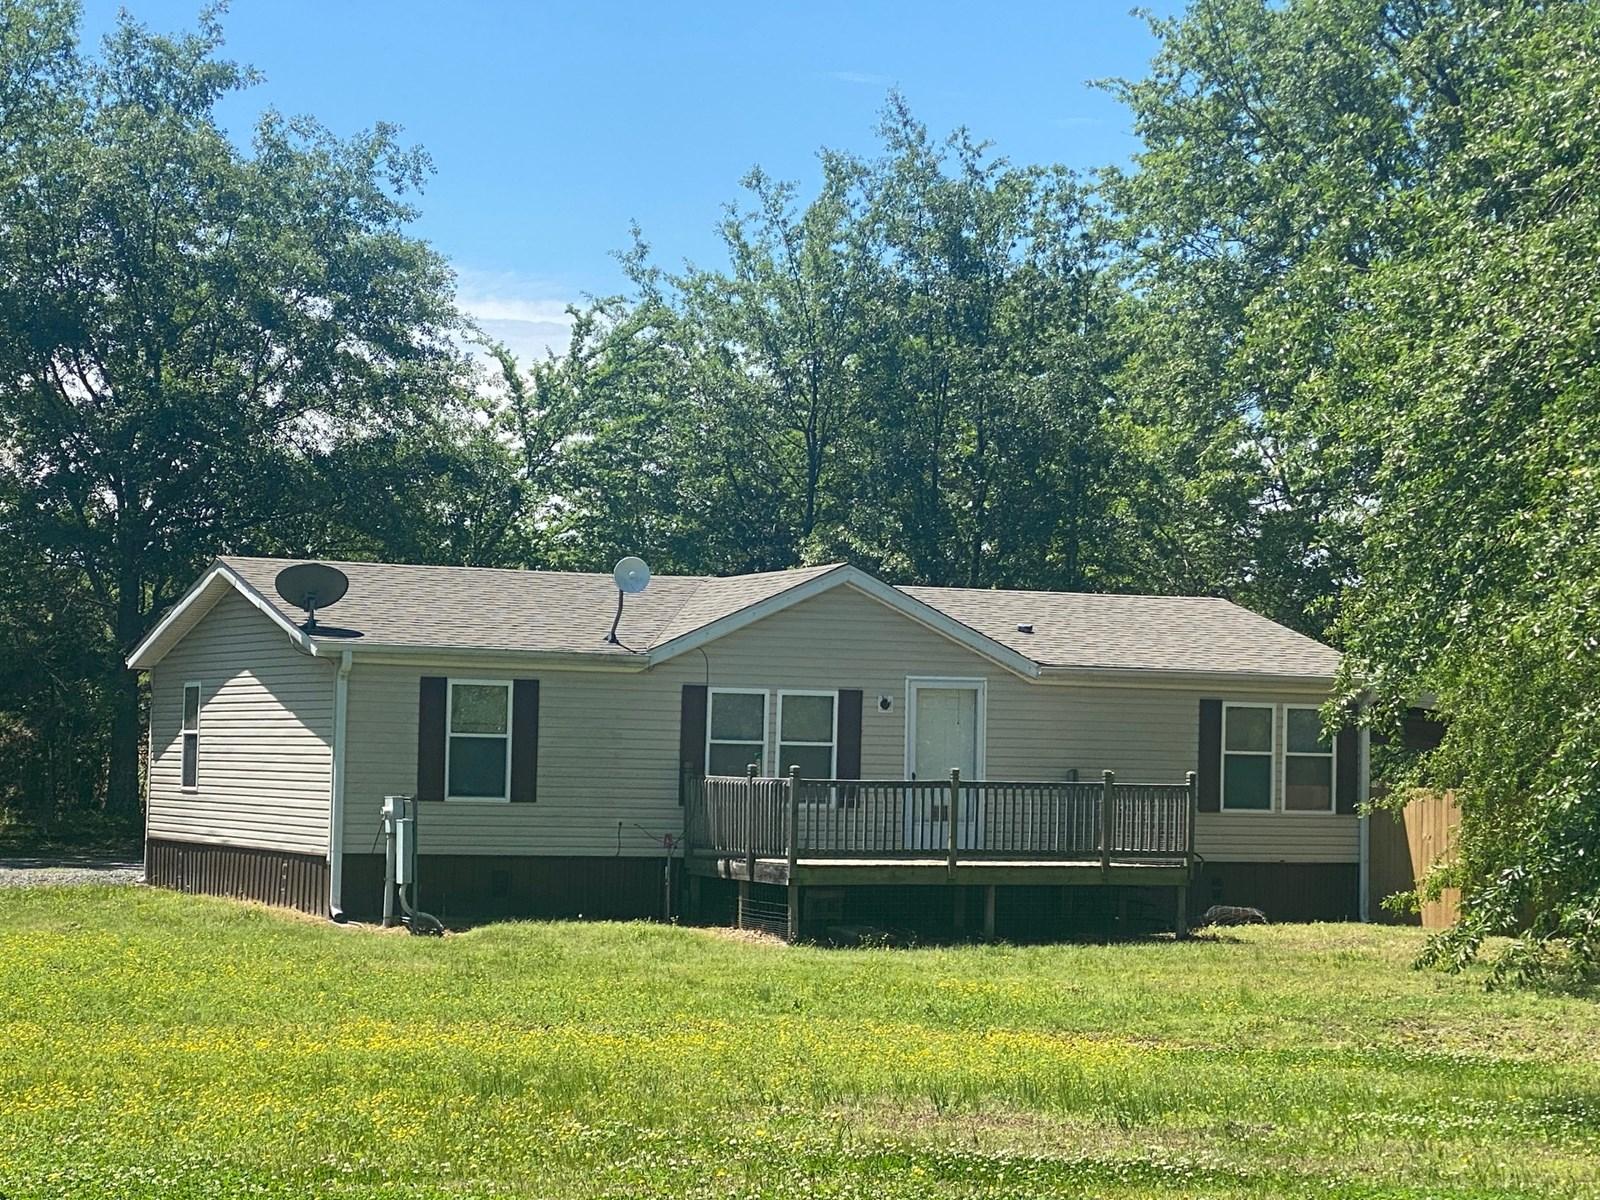 Home for sale Bache, Oklahoma